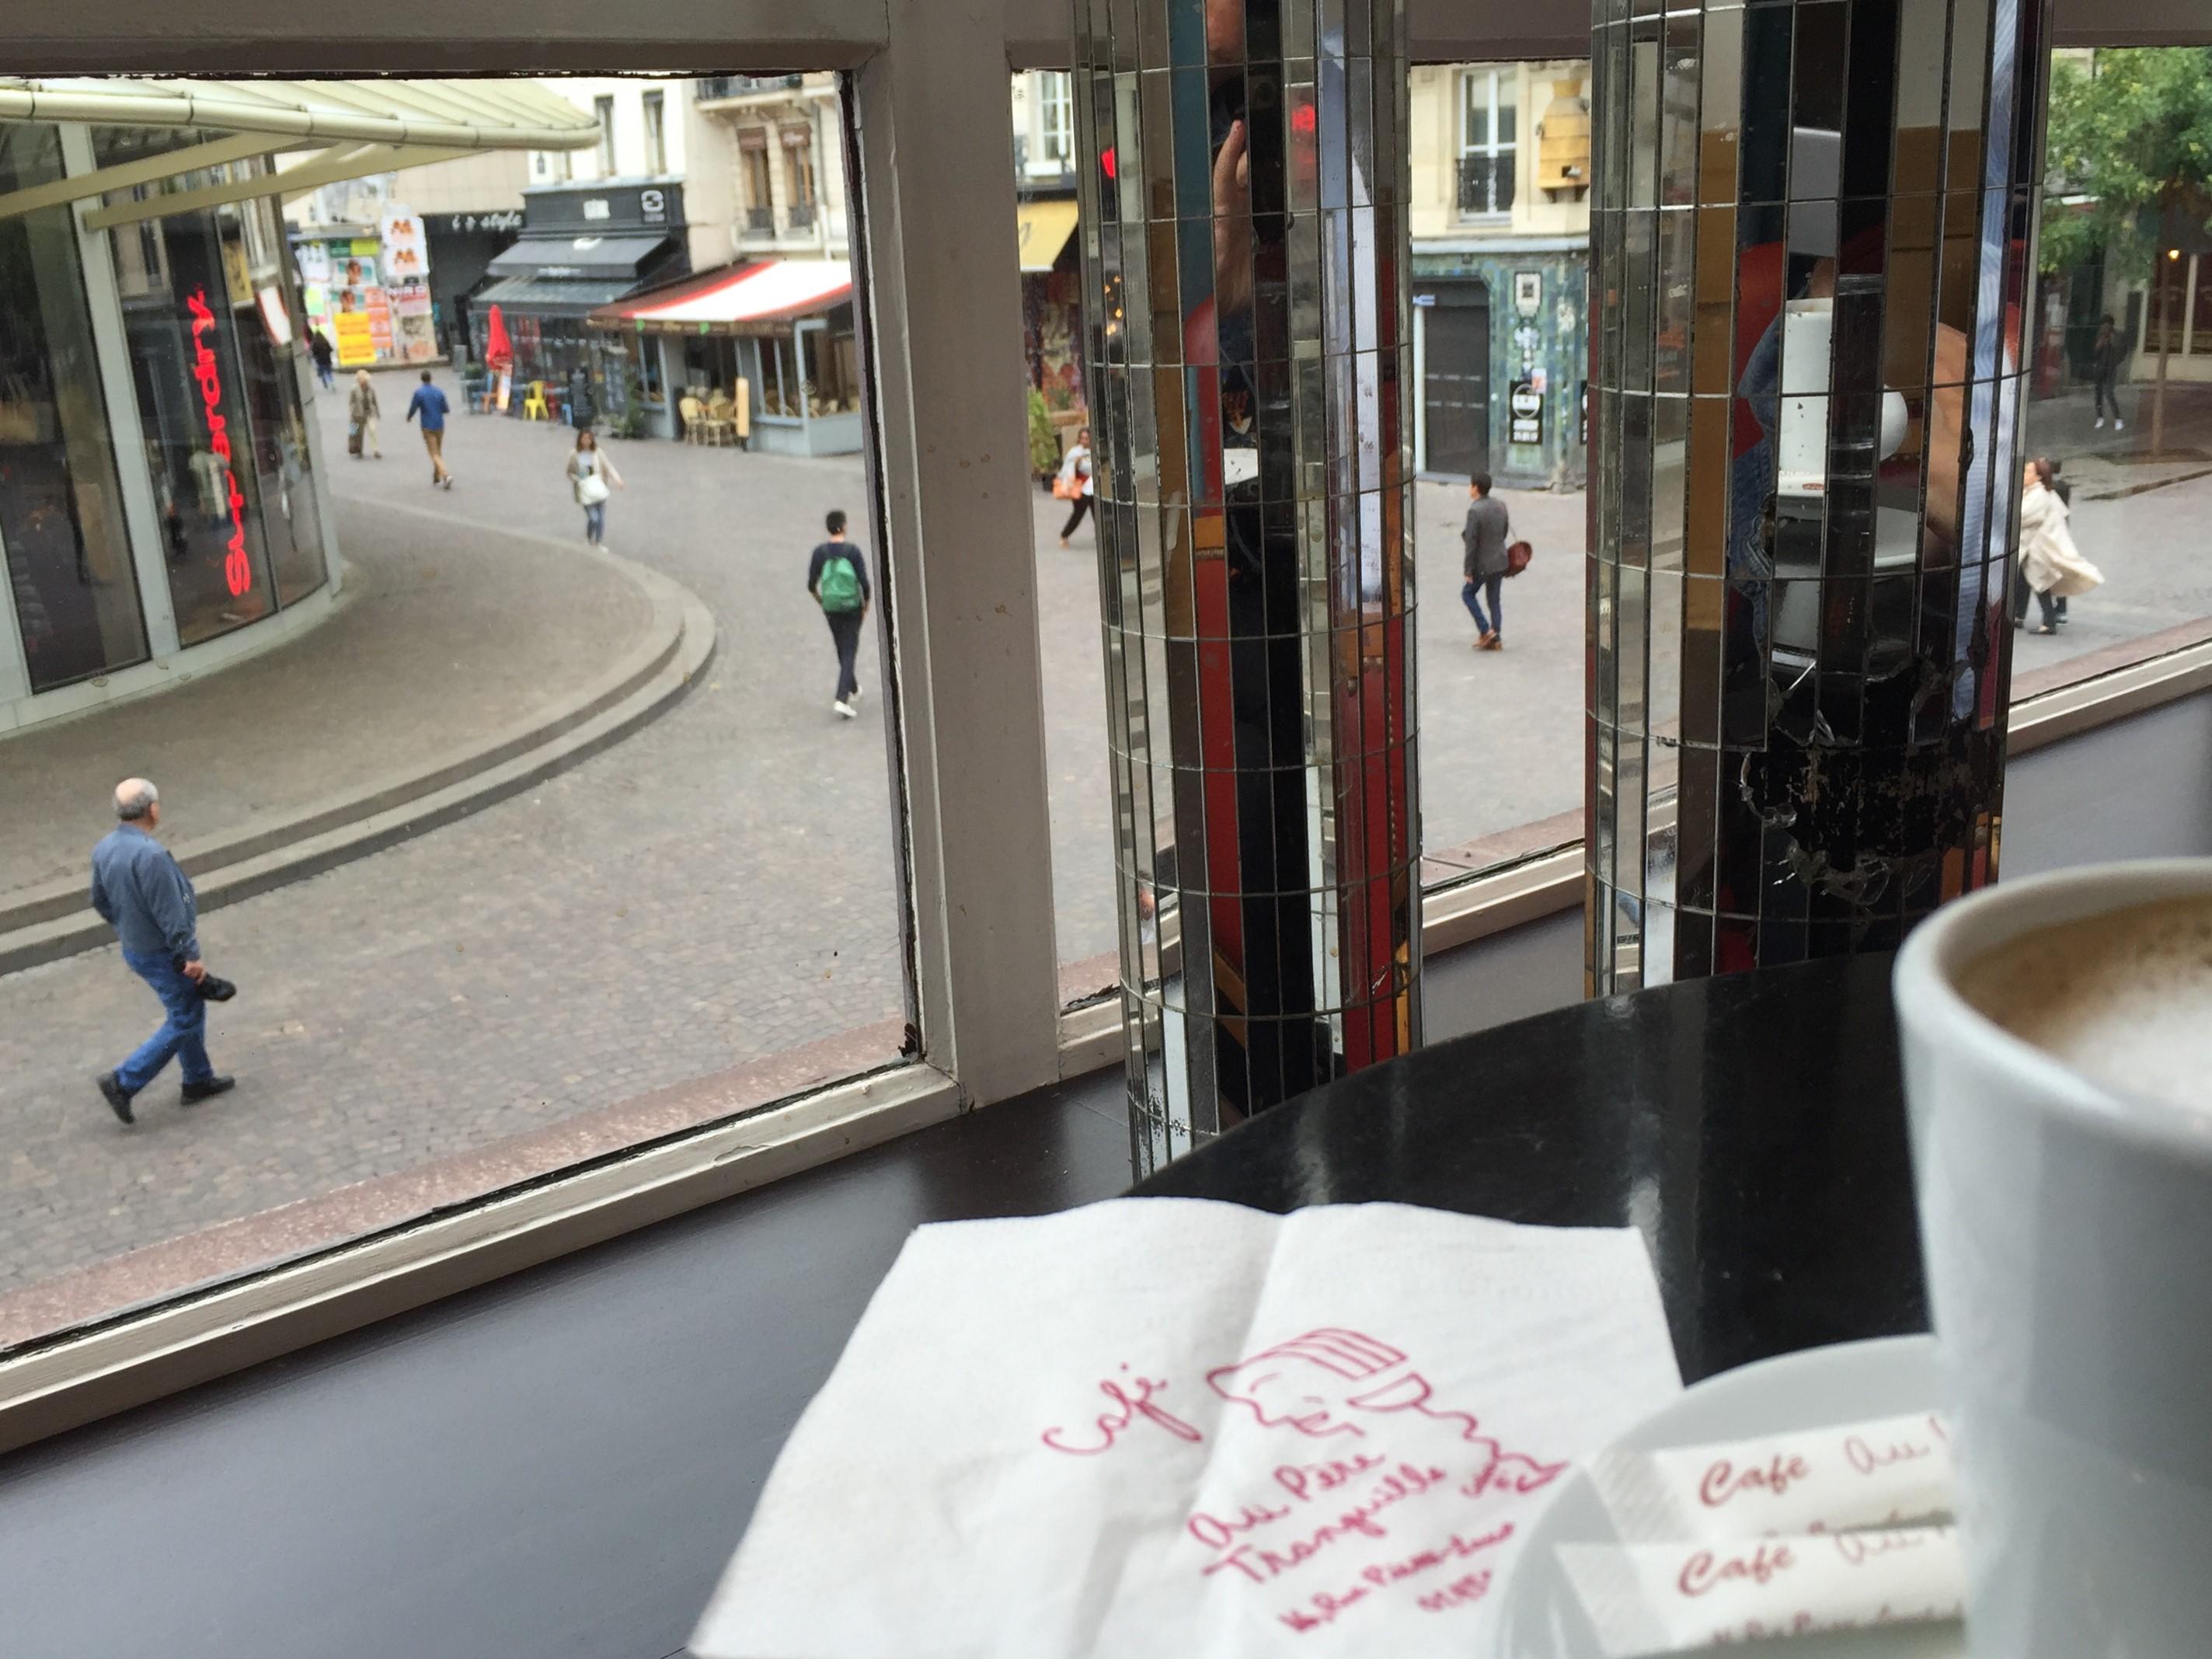 cafe au pere tranquille the paris train